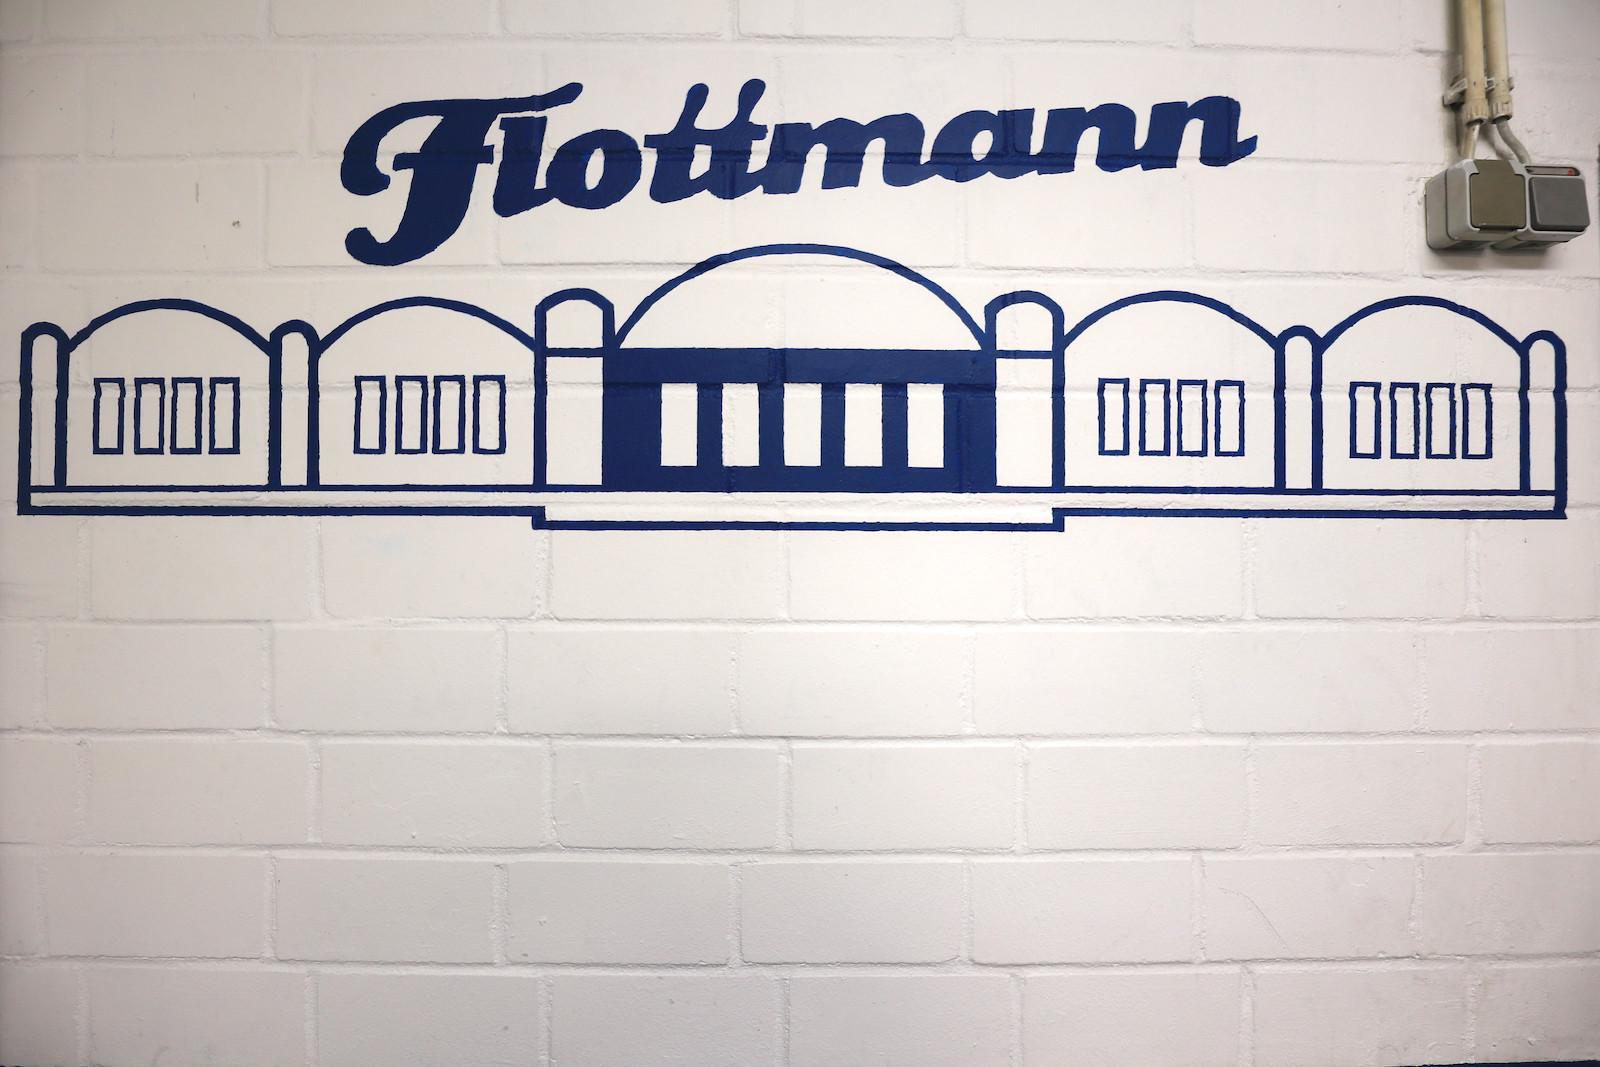 Flottmann Hallen. Als Begegnungs- und Kunstort ist das ehemalige Werk inzwischen seit über 30 Jahren erfolgreich.